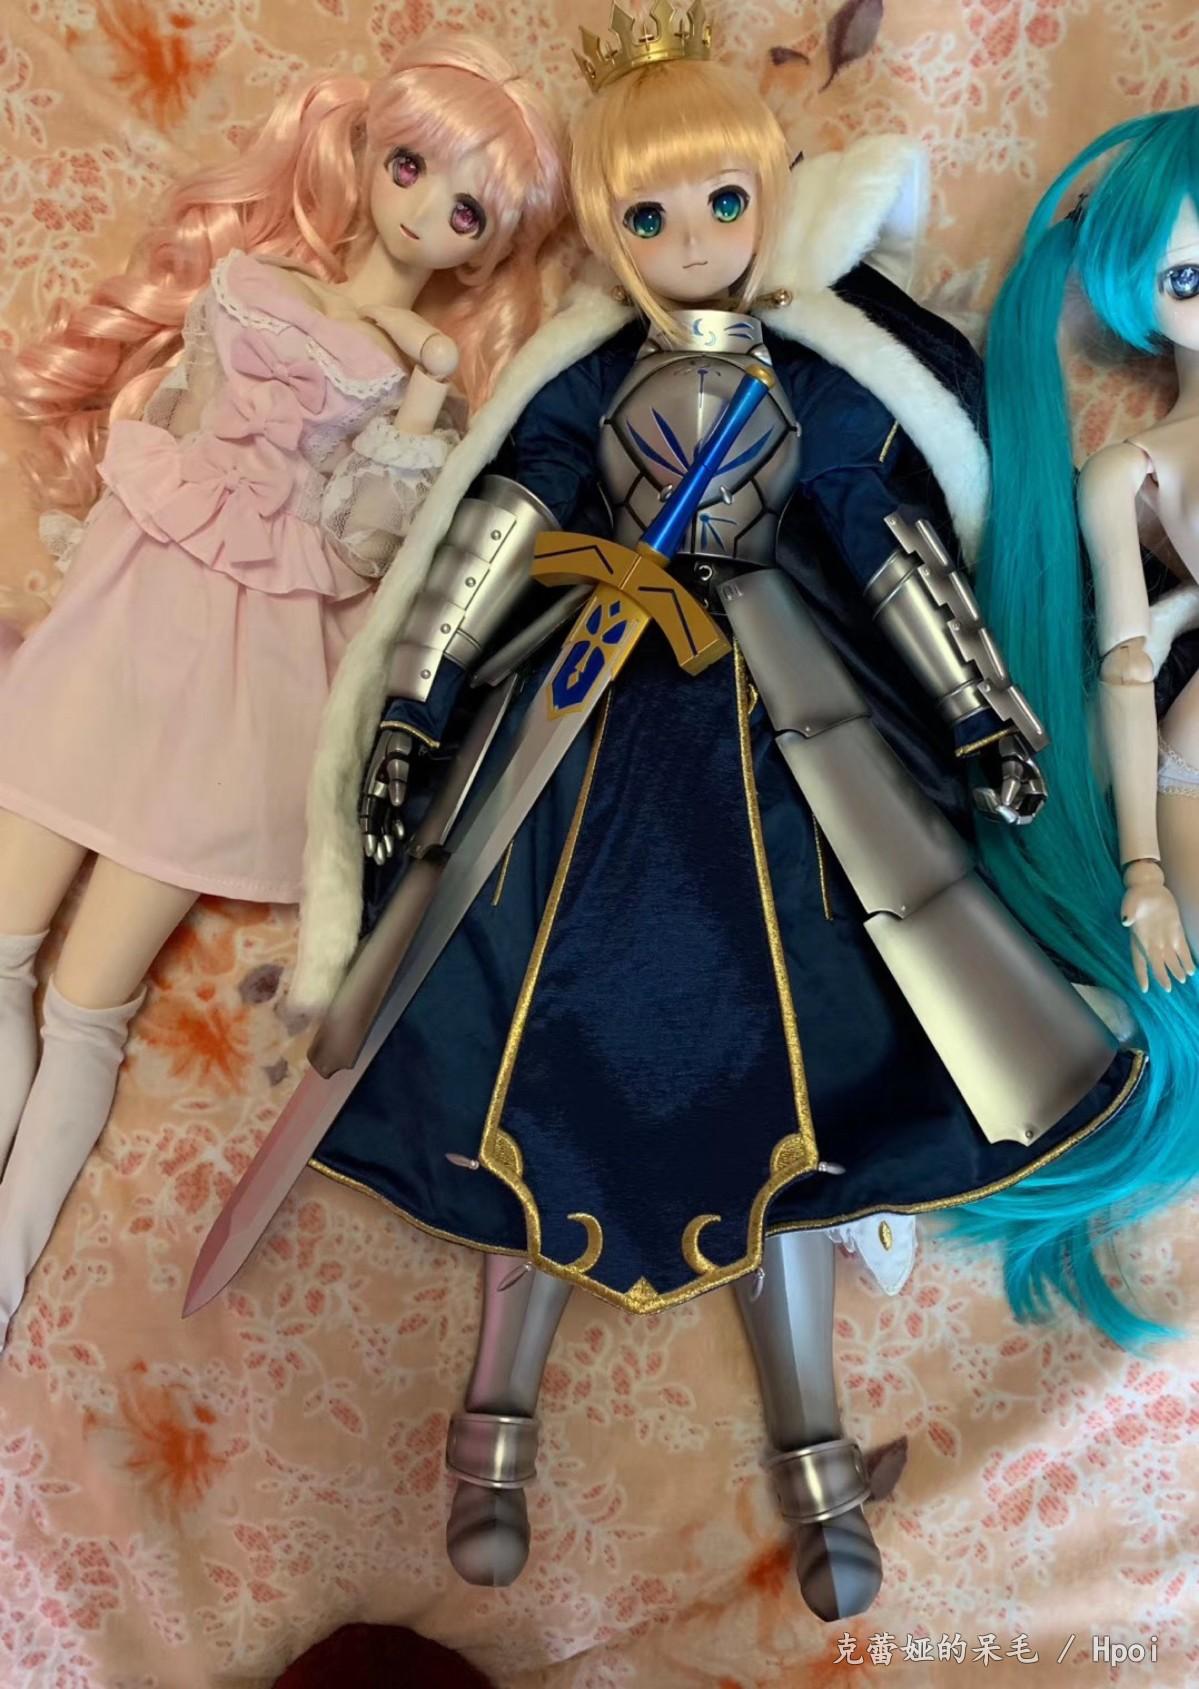 Dollfie Dream Fate/Grand Order Saber-Garage Kit Dolls